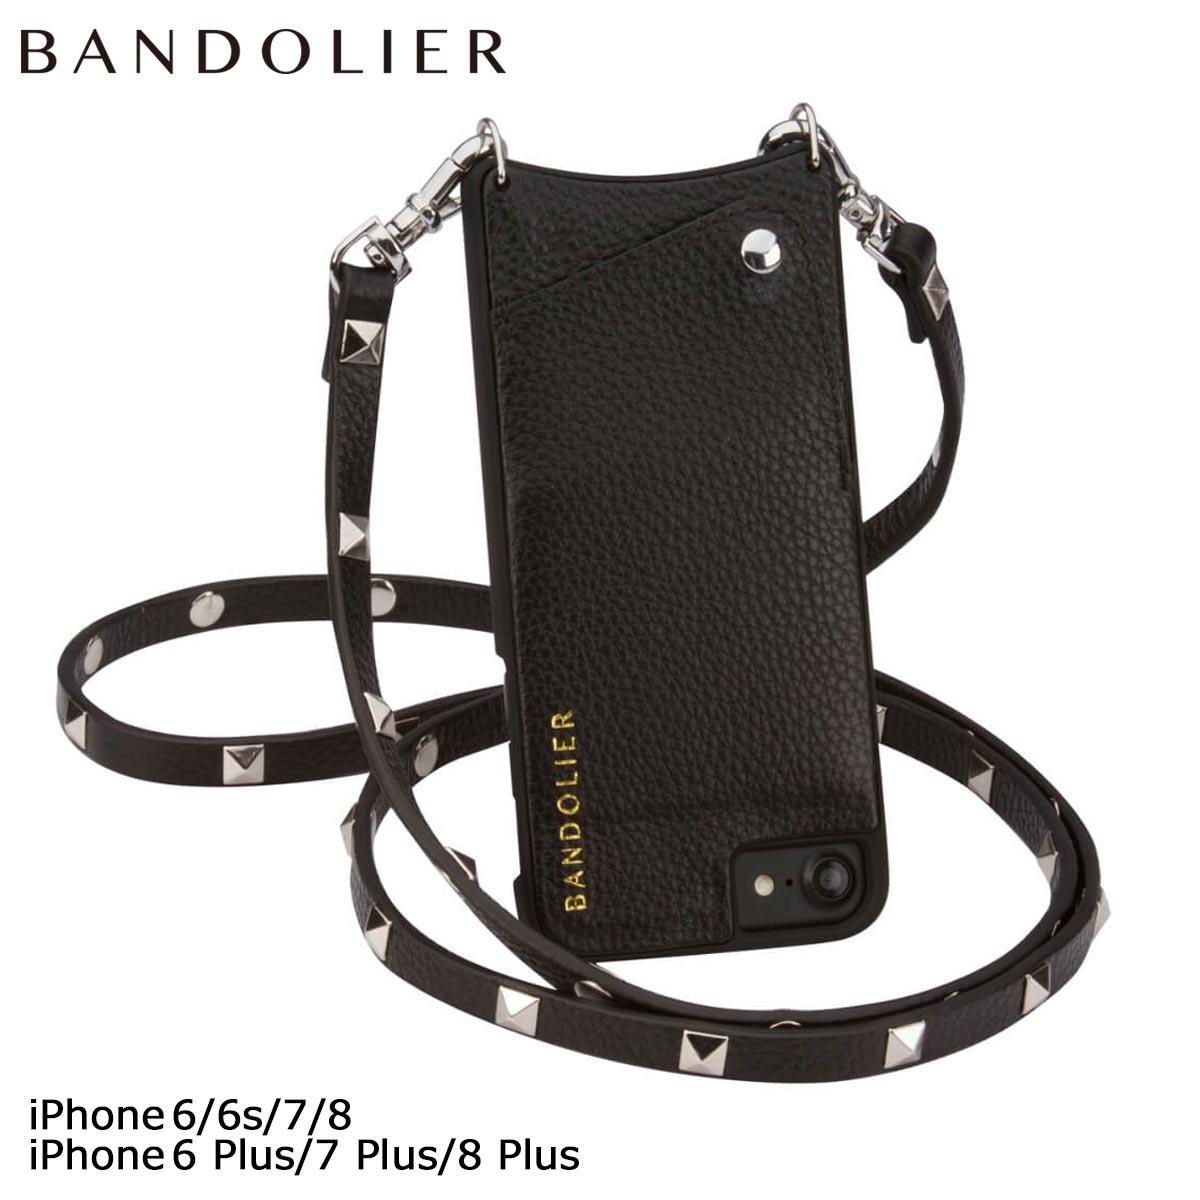 BANDOLIER SARAH バンドリヤー iPhone8 iPhone7 7Plus 6s ケース スマホ アイフォン プラス レザー スタッズ メンズ レディース [9/14 追加入荷] [189]